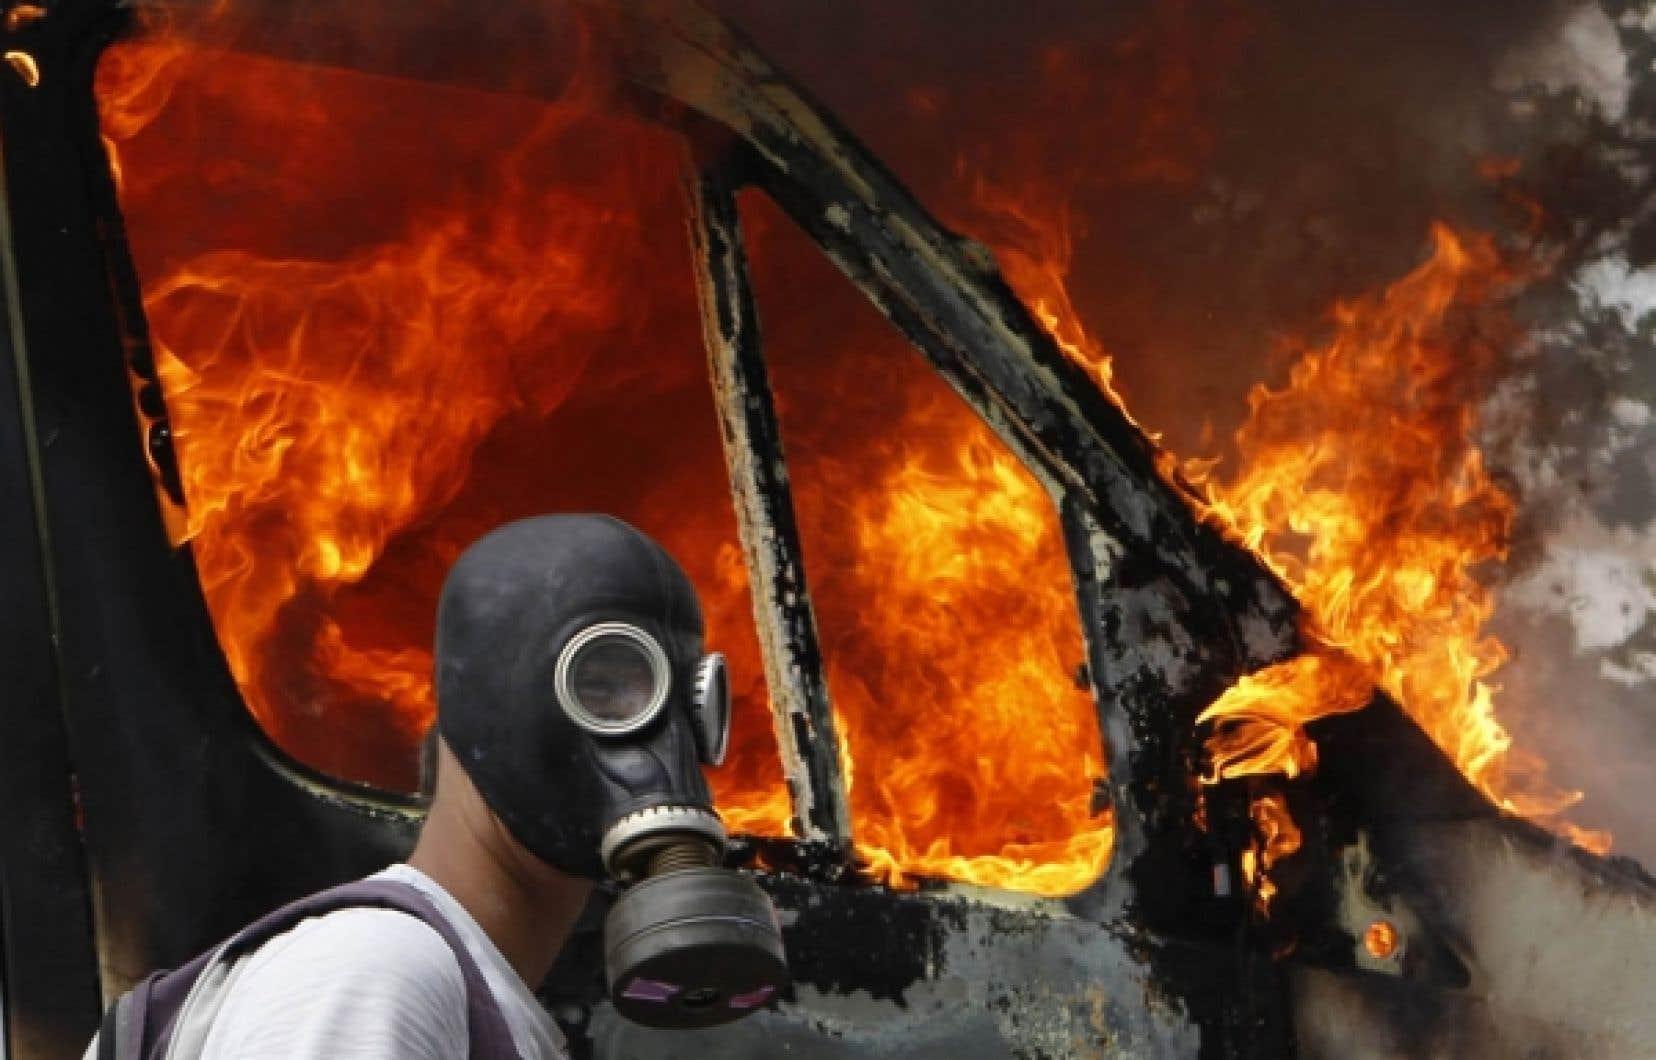 Ce manifestant avait pris ses précautions avant d'aller affronter les forces de l'ordre à Athènes: il s'était équipé d'un masque à gaz.<br />